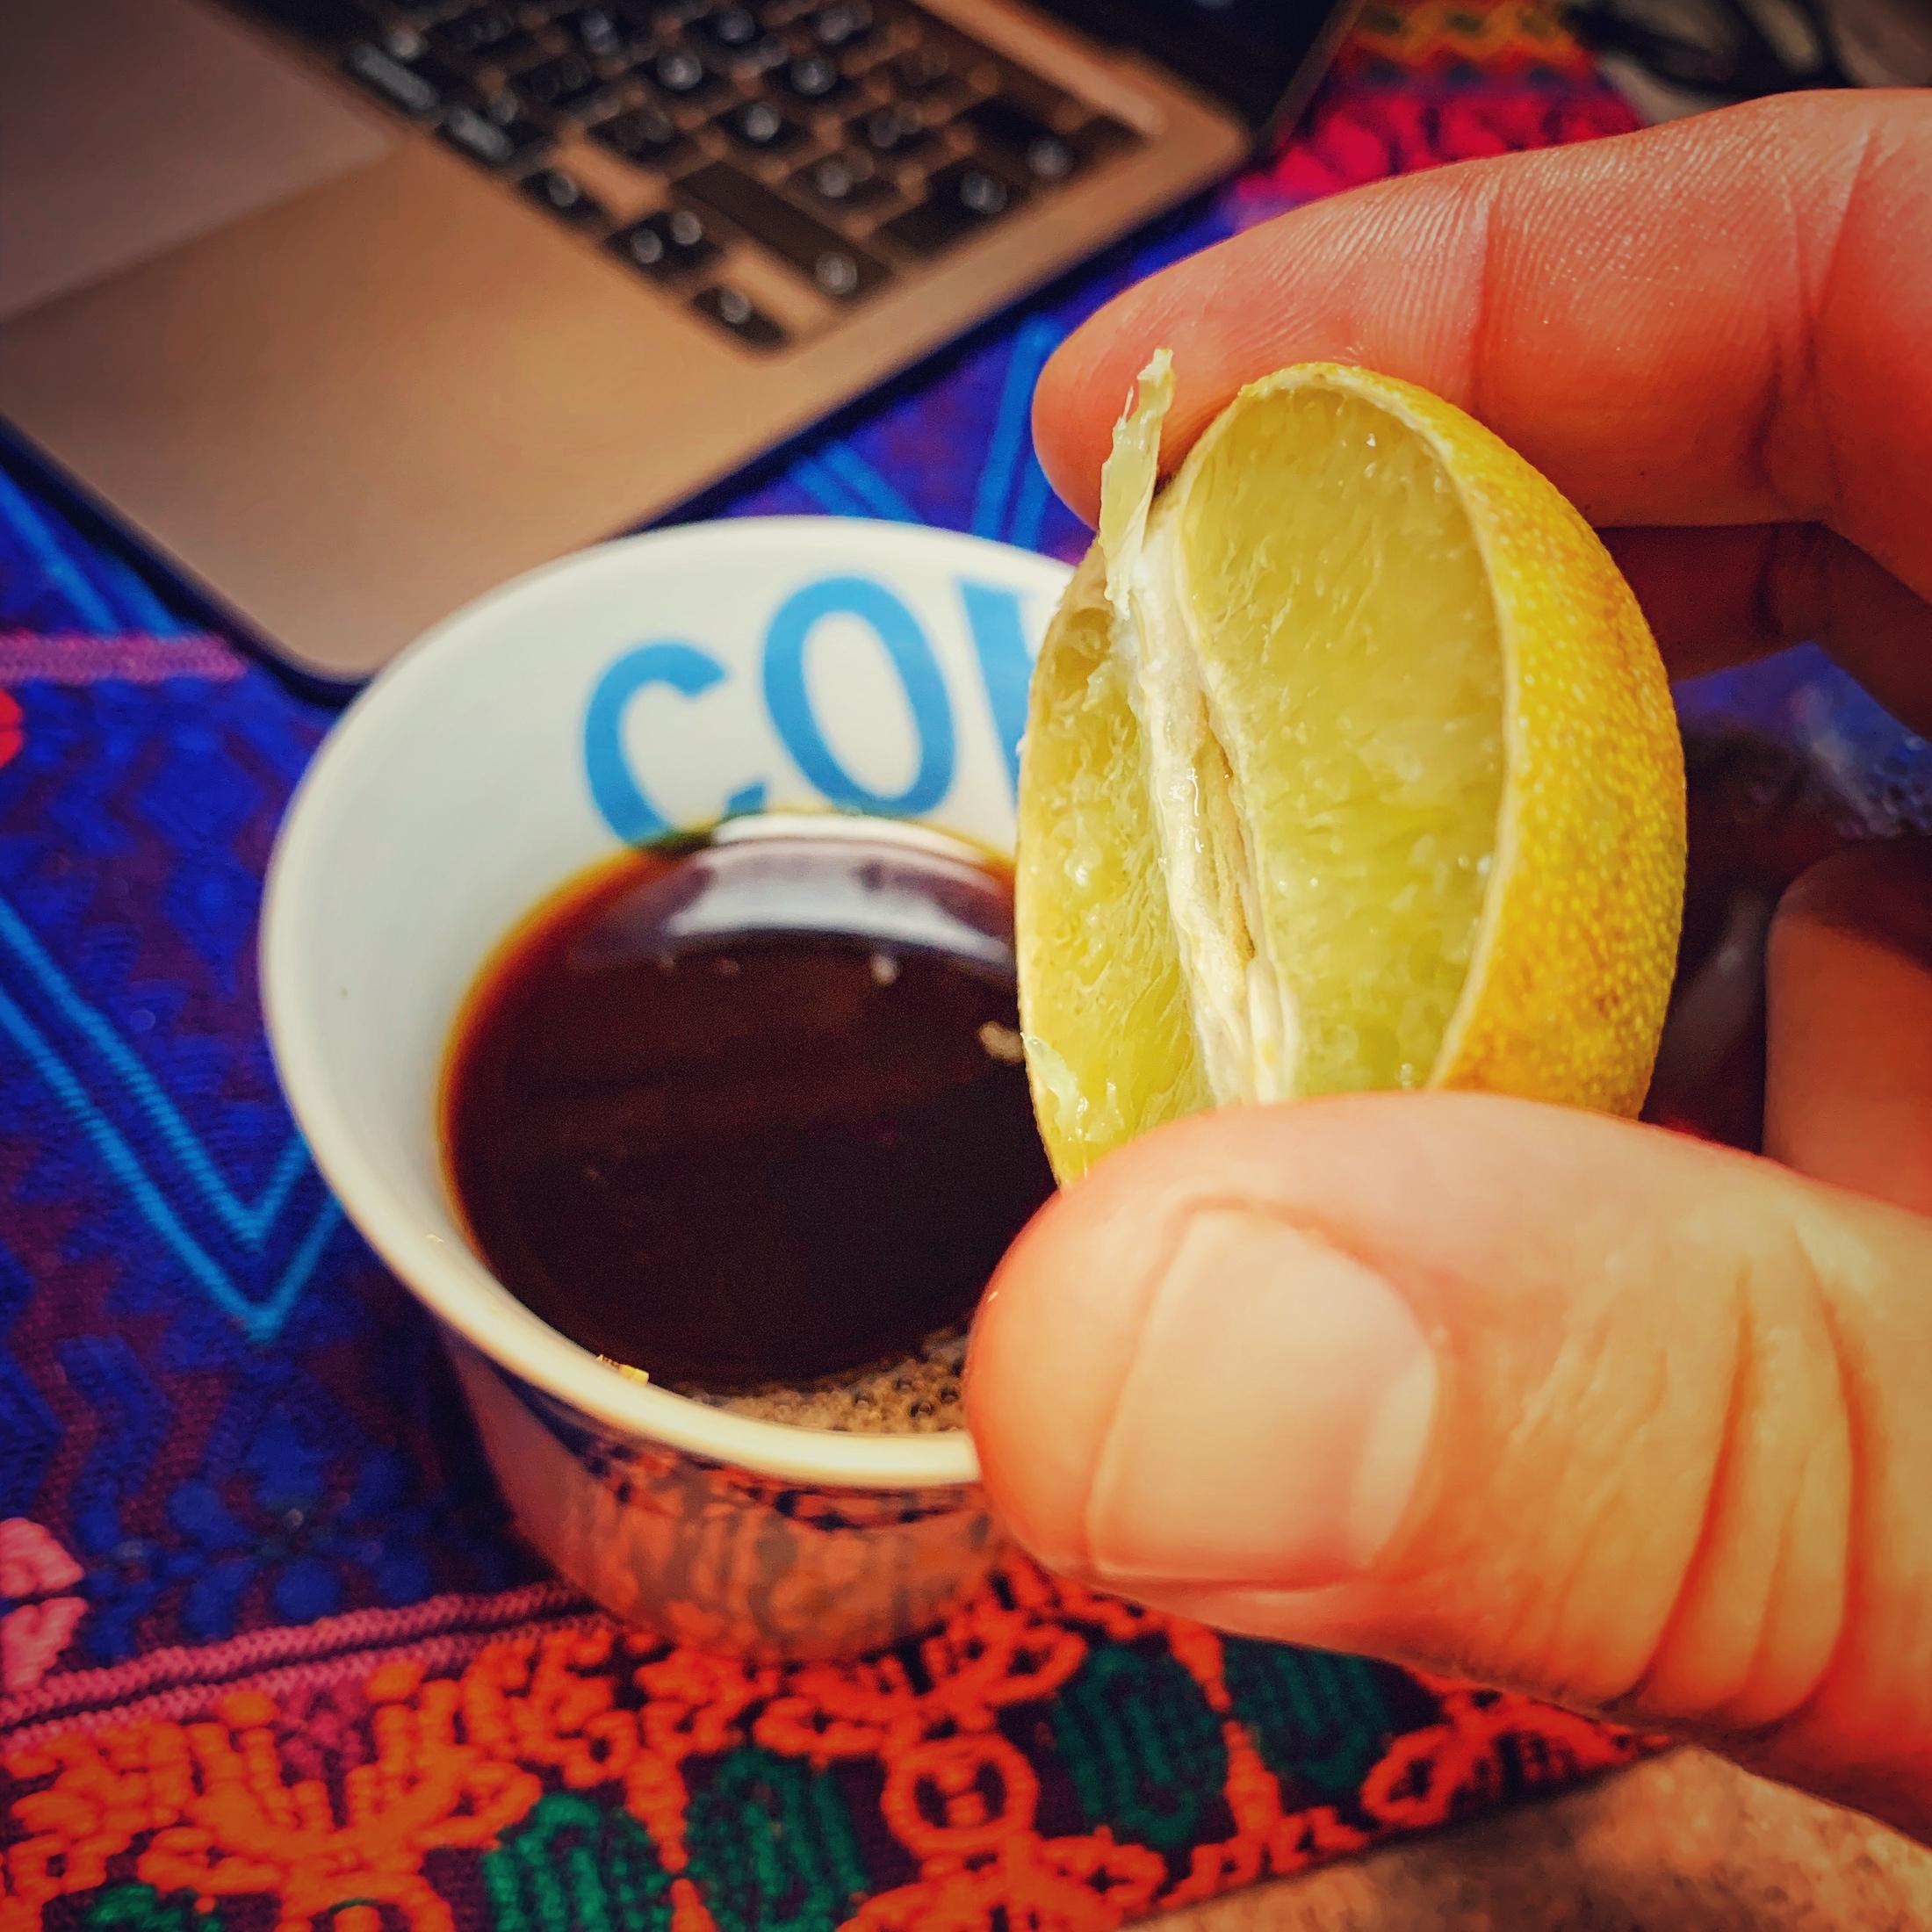 Eine Tasse Kaffee neben einem Laptop auf einer bunten Tischdecke. Darüber wird eine halbe Limette gehalten. Sinnbildlich für Säure im Kaffee